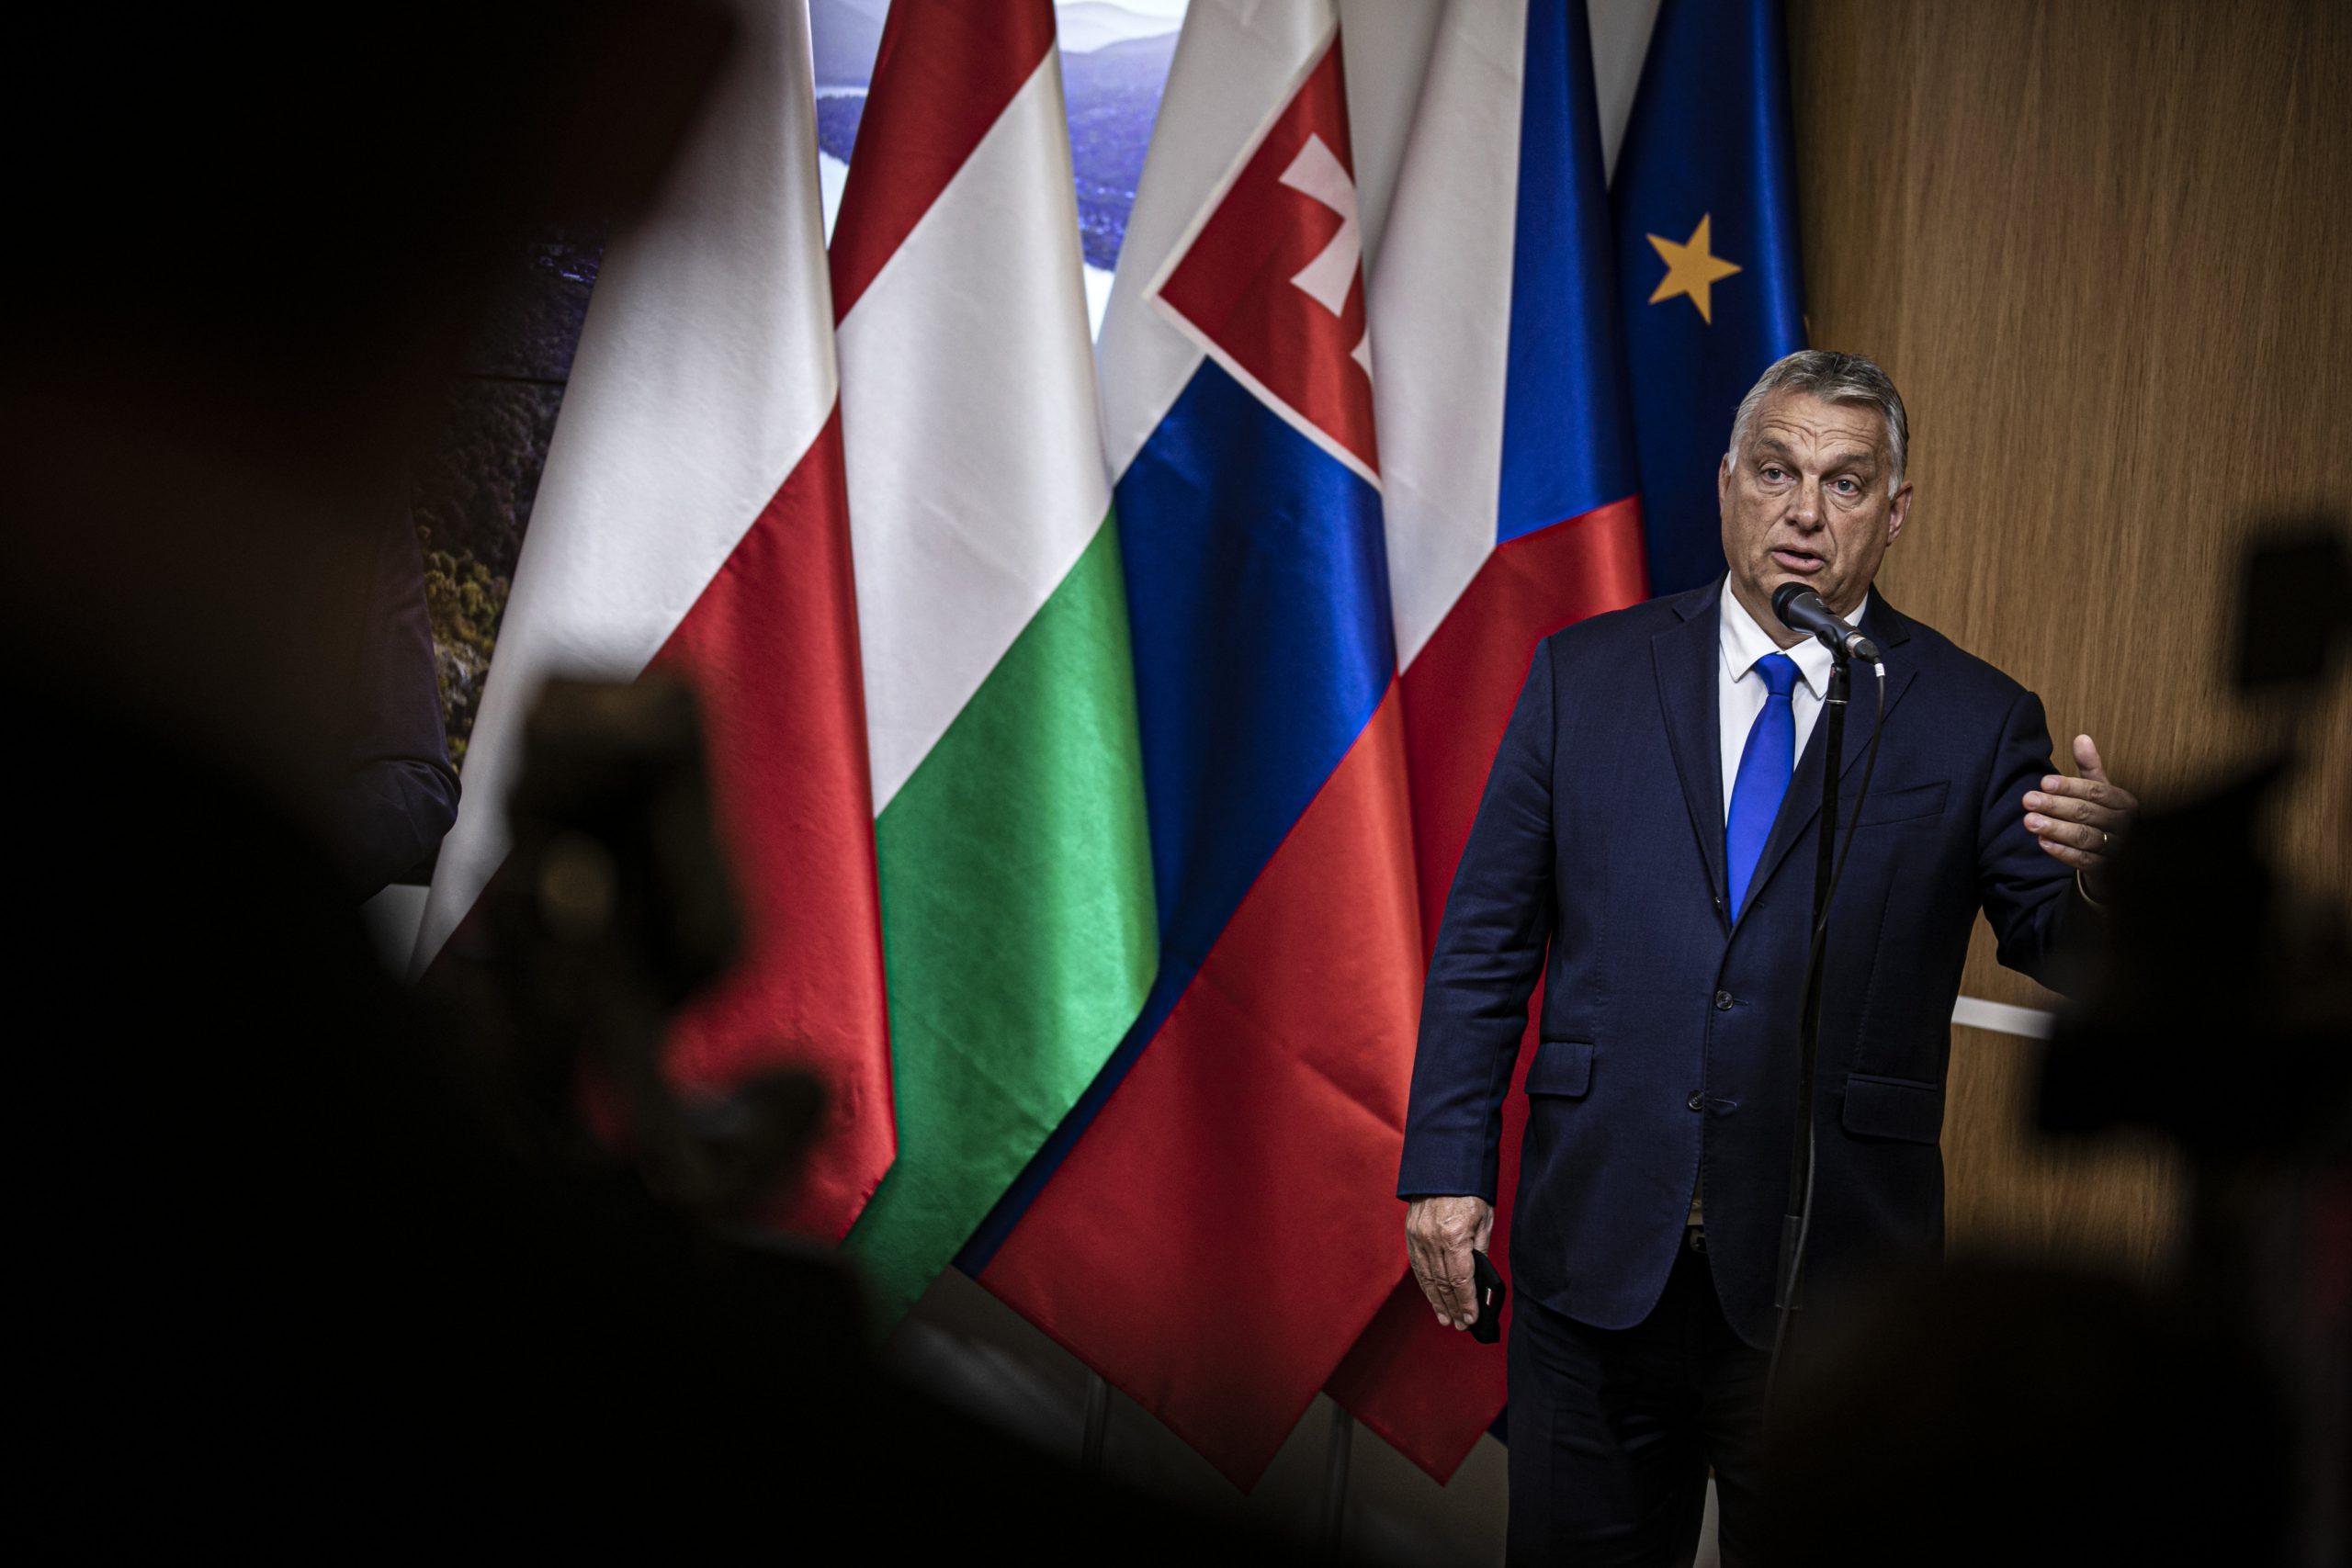 Orbán against New EC Migration Pact Despite Proposal Lacking Mandatory Quotas